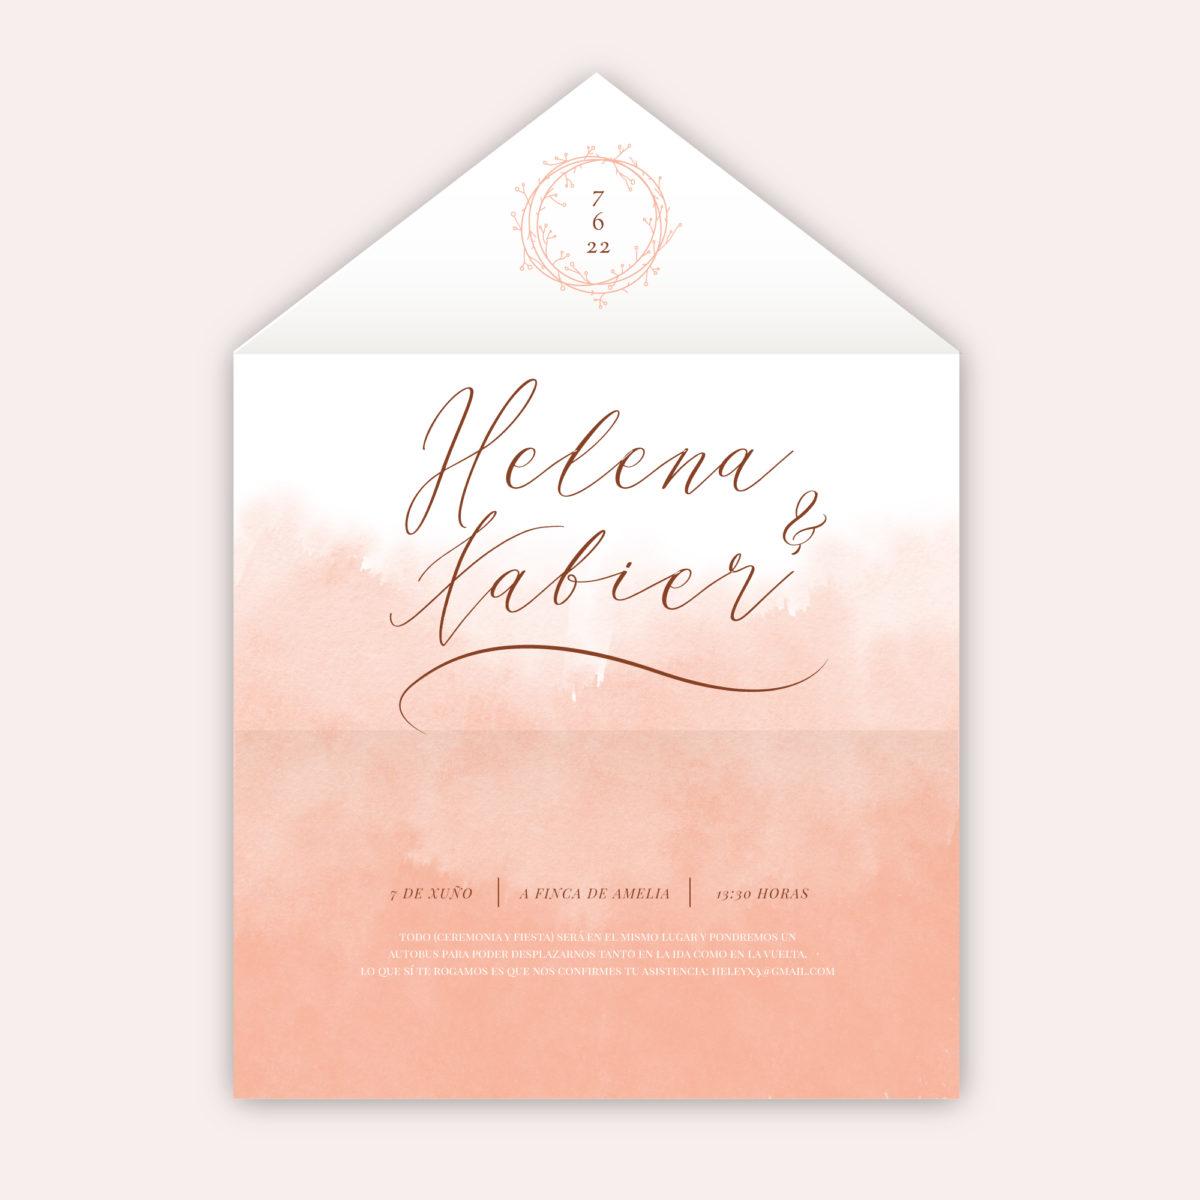 Invitación-sobre Acuarela